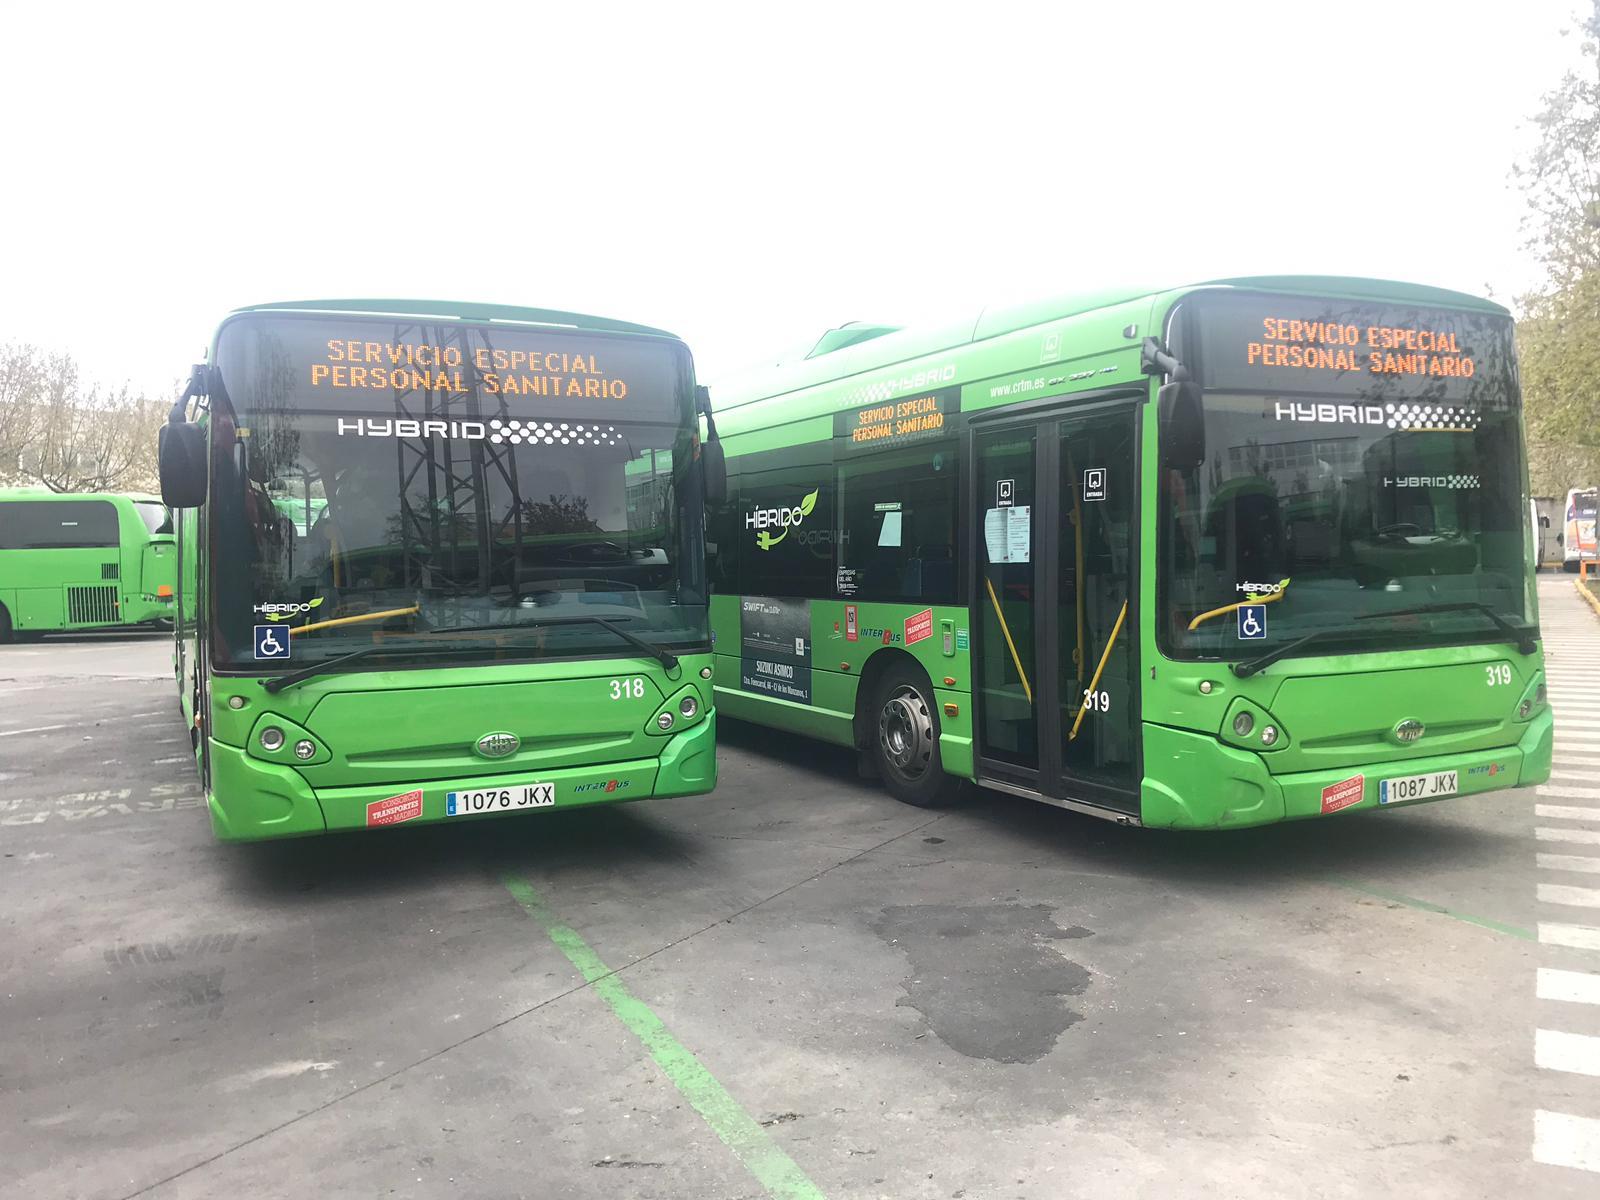 Autobuses de transporte de personal sanitario